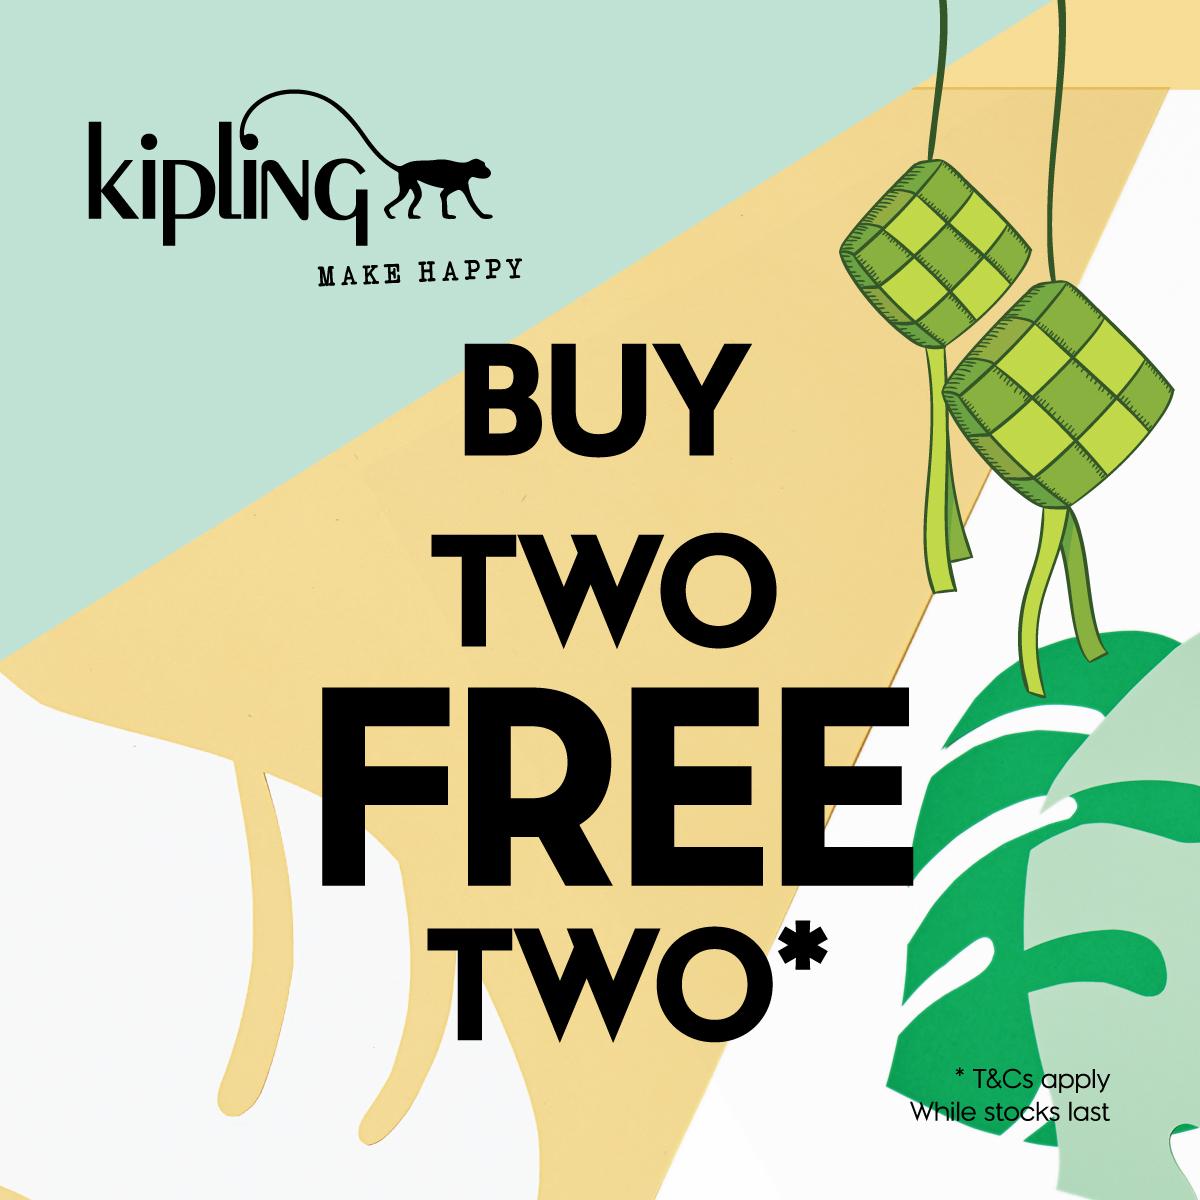 Buy 2 Free 2 - DVO